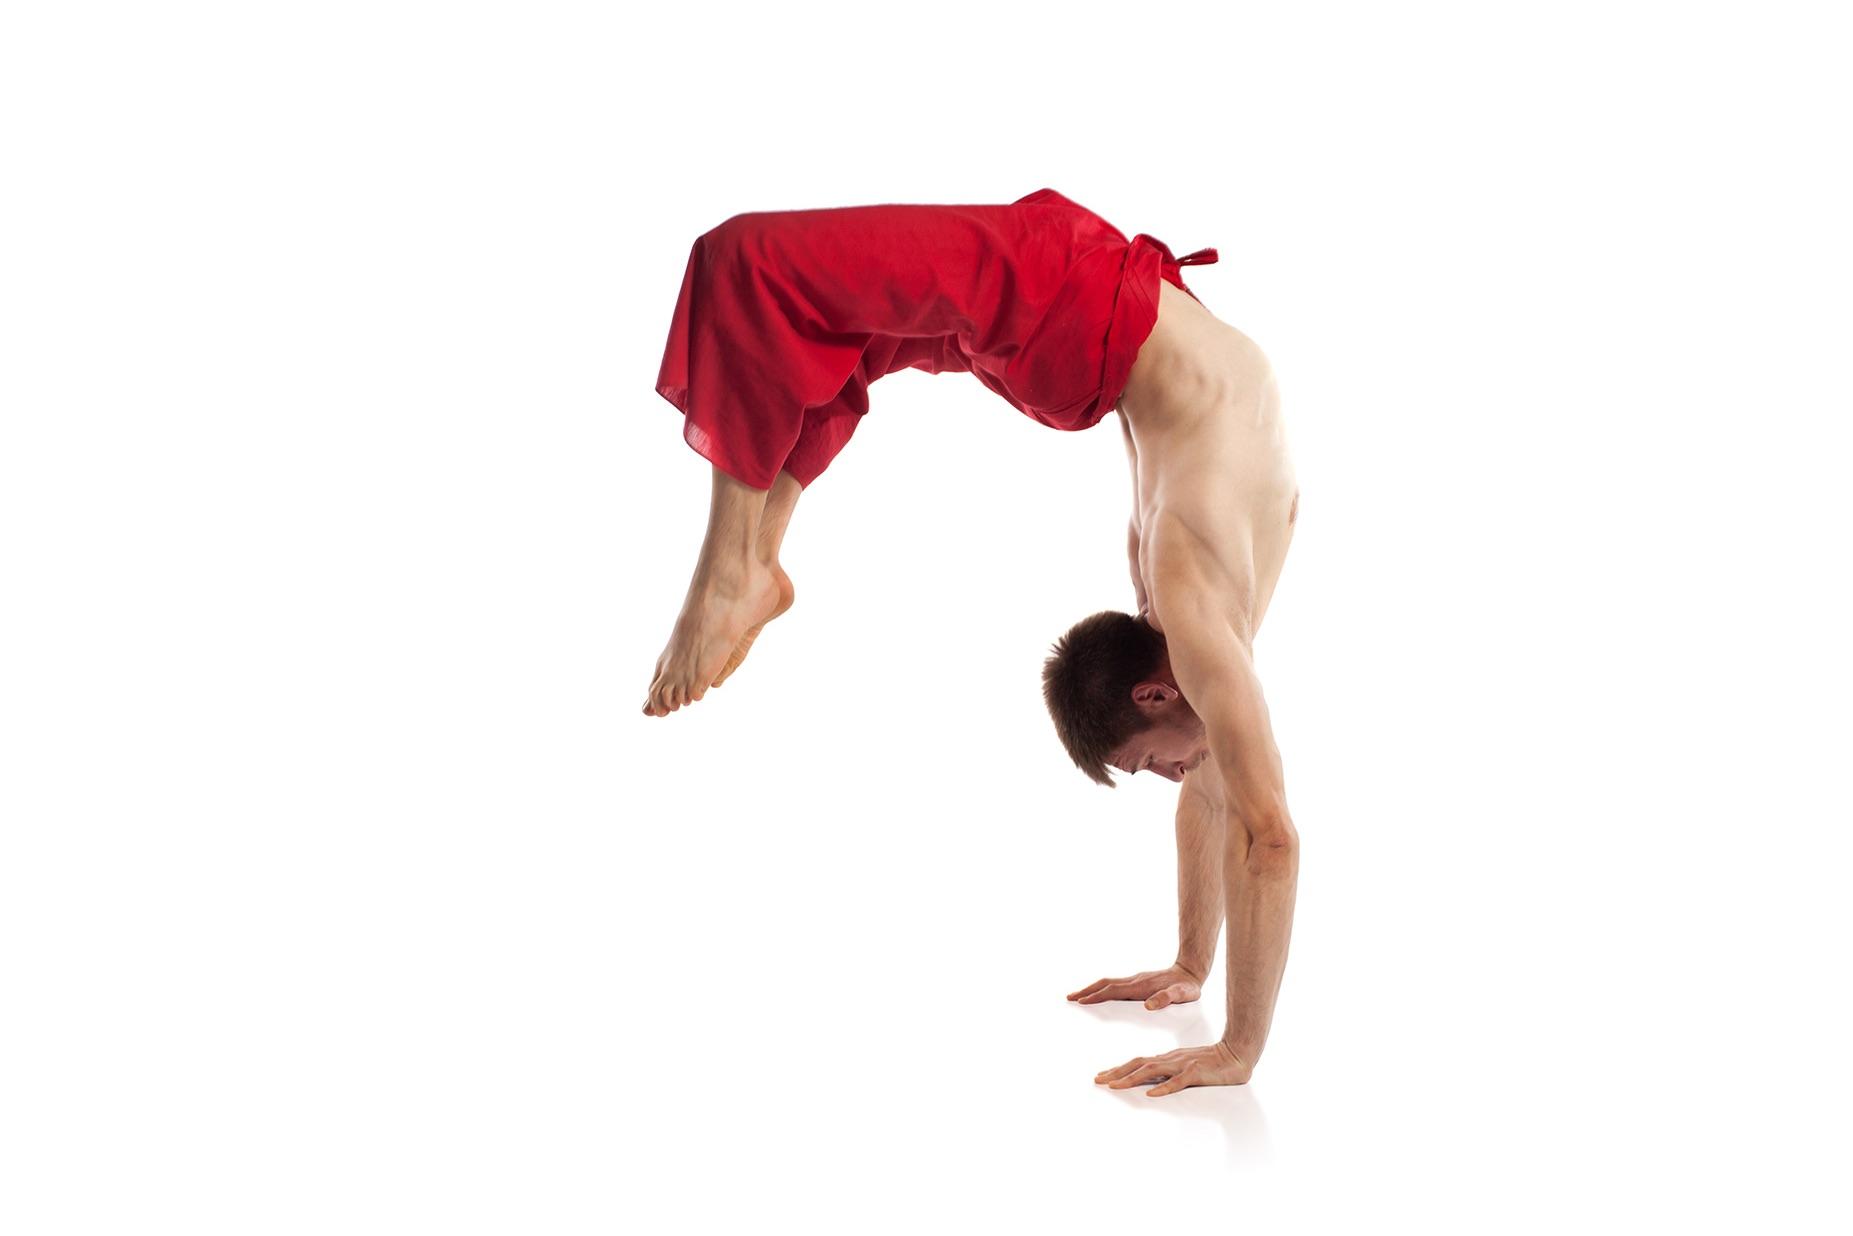 DSC-TW0817 03 yoga stock